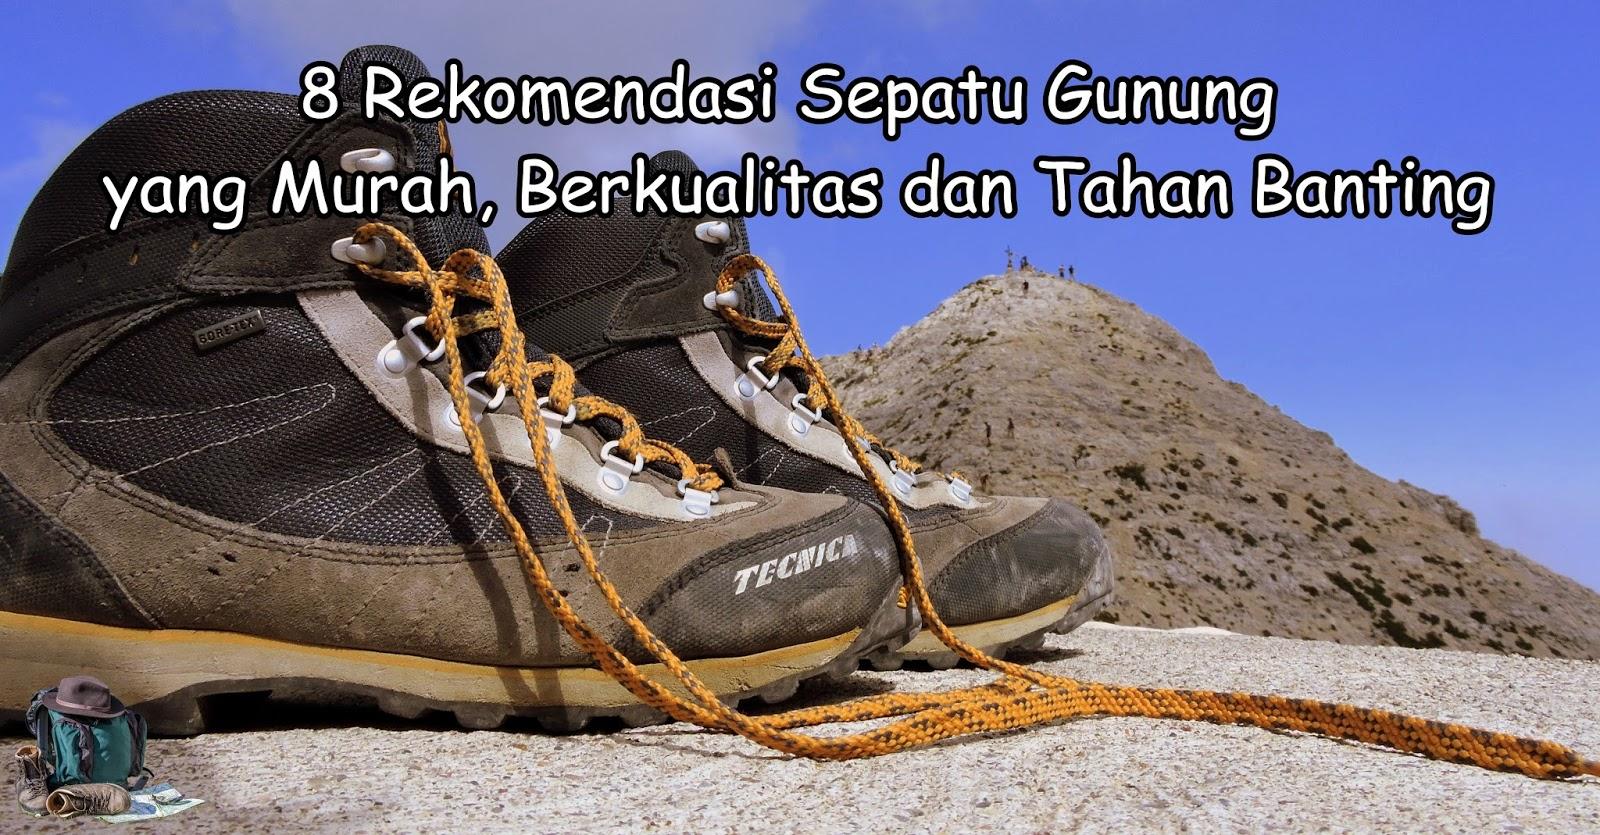 8 Sepatu Gunung Murah 687d1fa22a